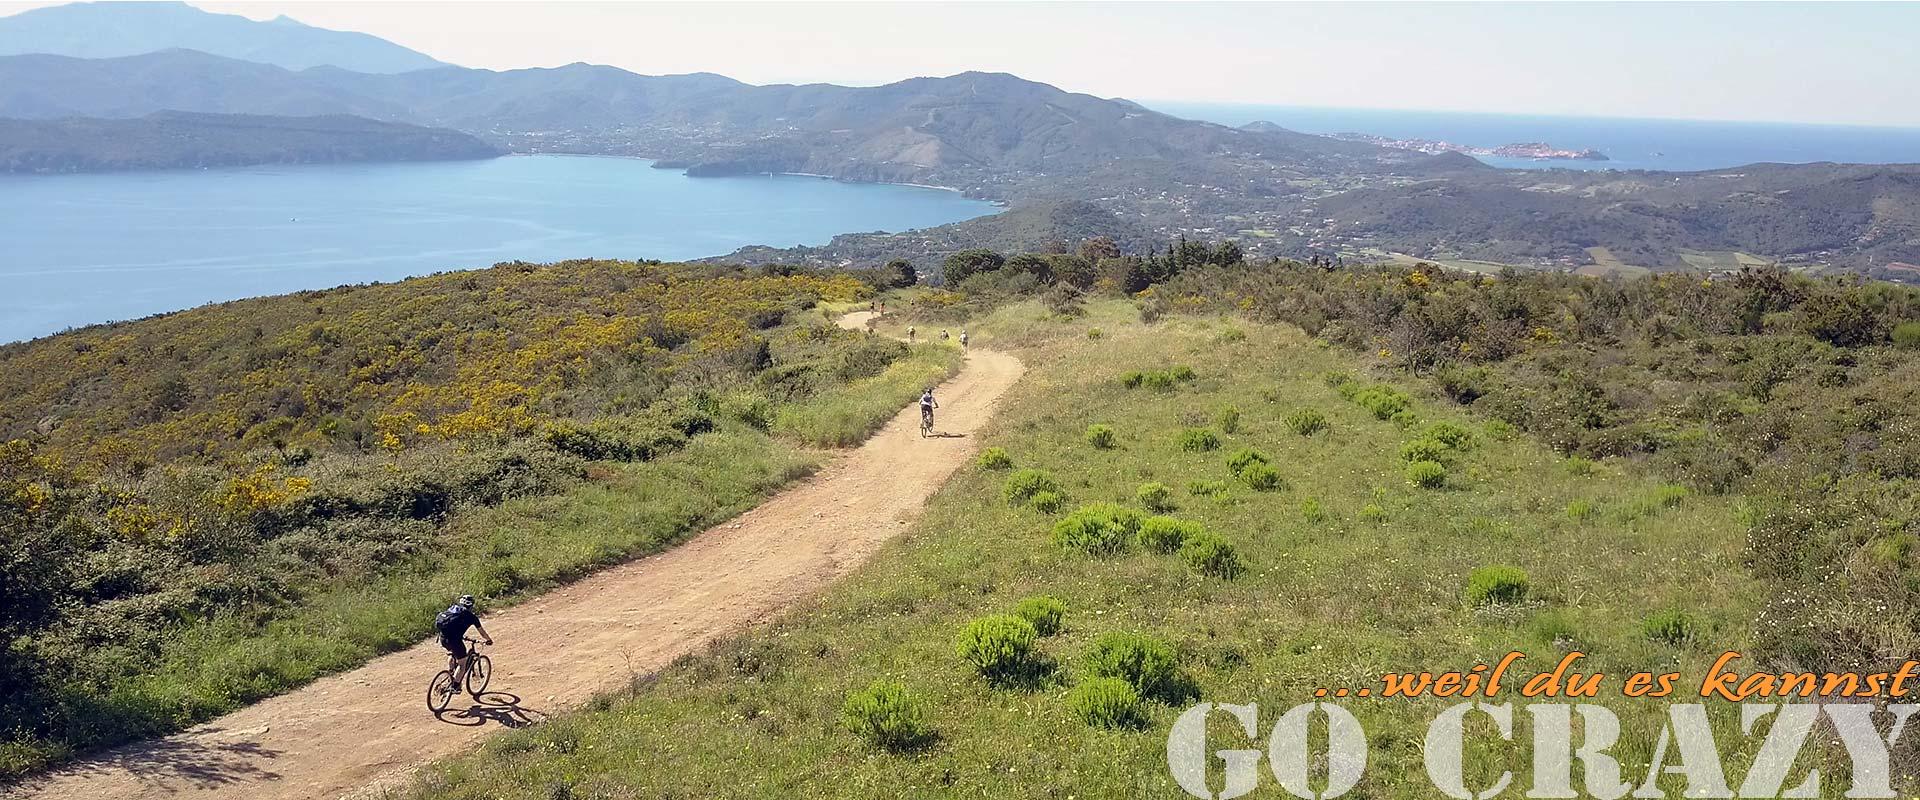 Ab in den Süden - Mediterrane Mountainbikereisen - Biken & Beachen